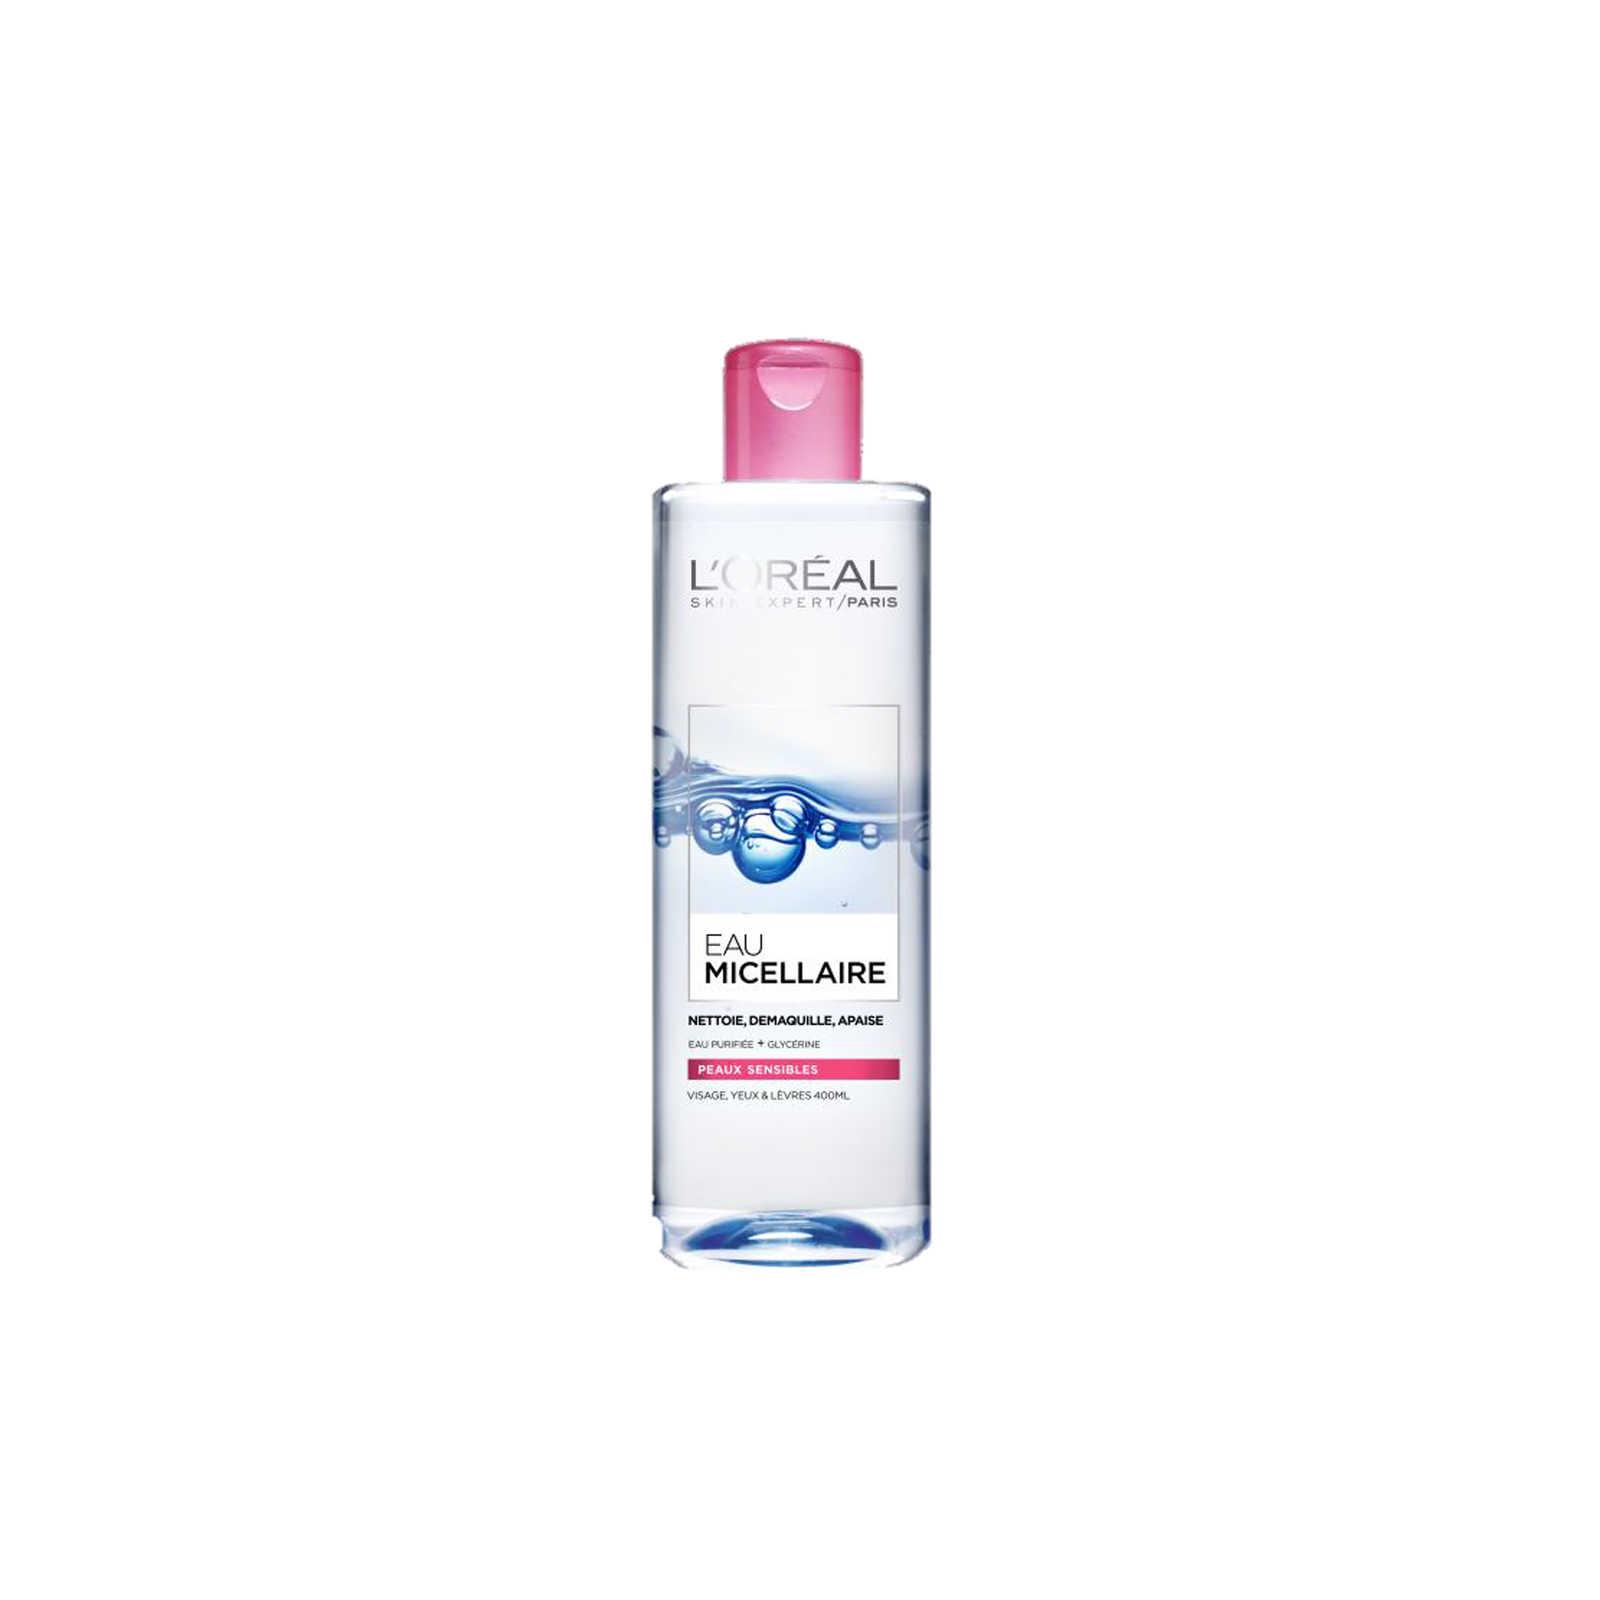 L'Oréal Paris-Skin Expert